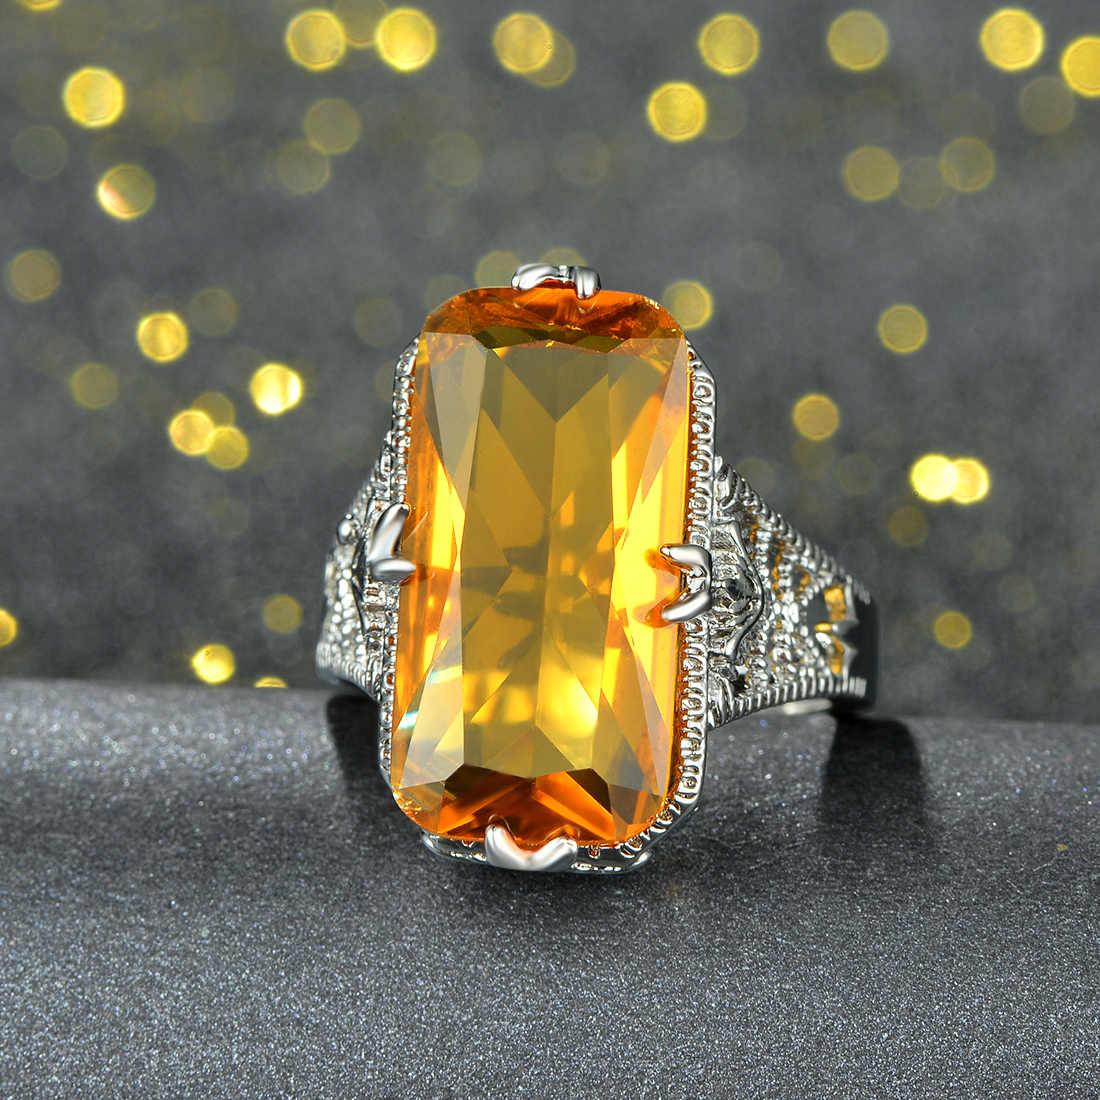 2018 moda criada quadrado amarelo anel de cristal clássico oco para fora anéis para presente de casamento feminino jóias finas